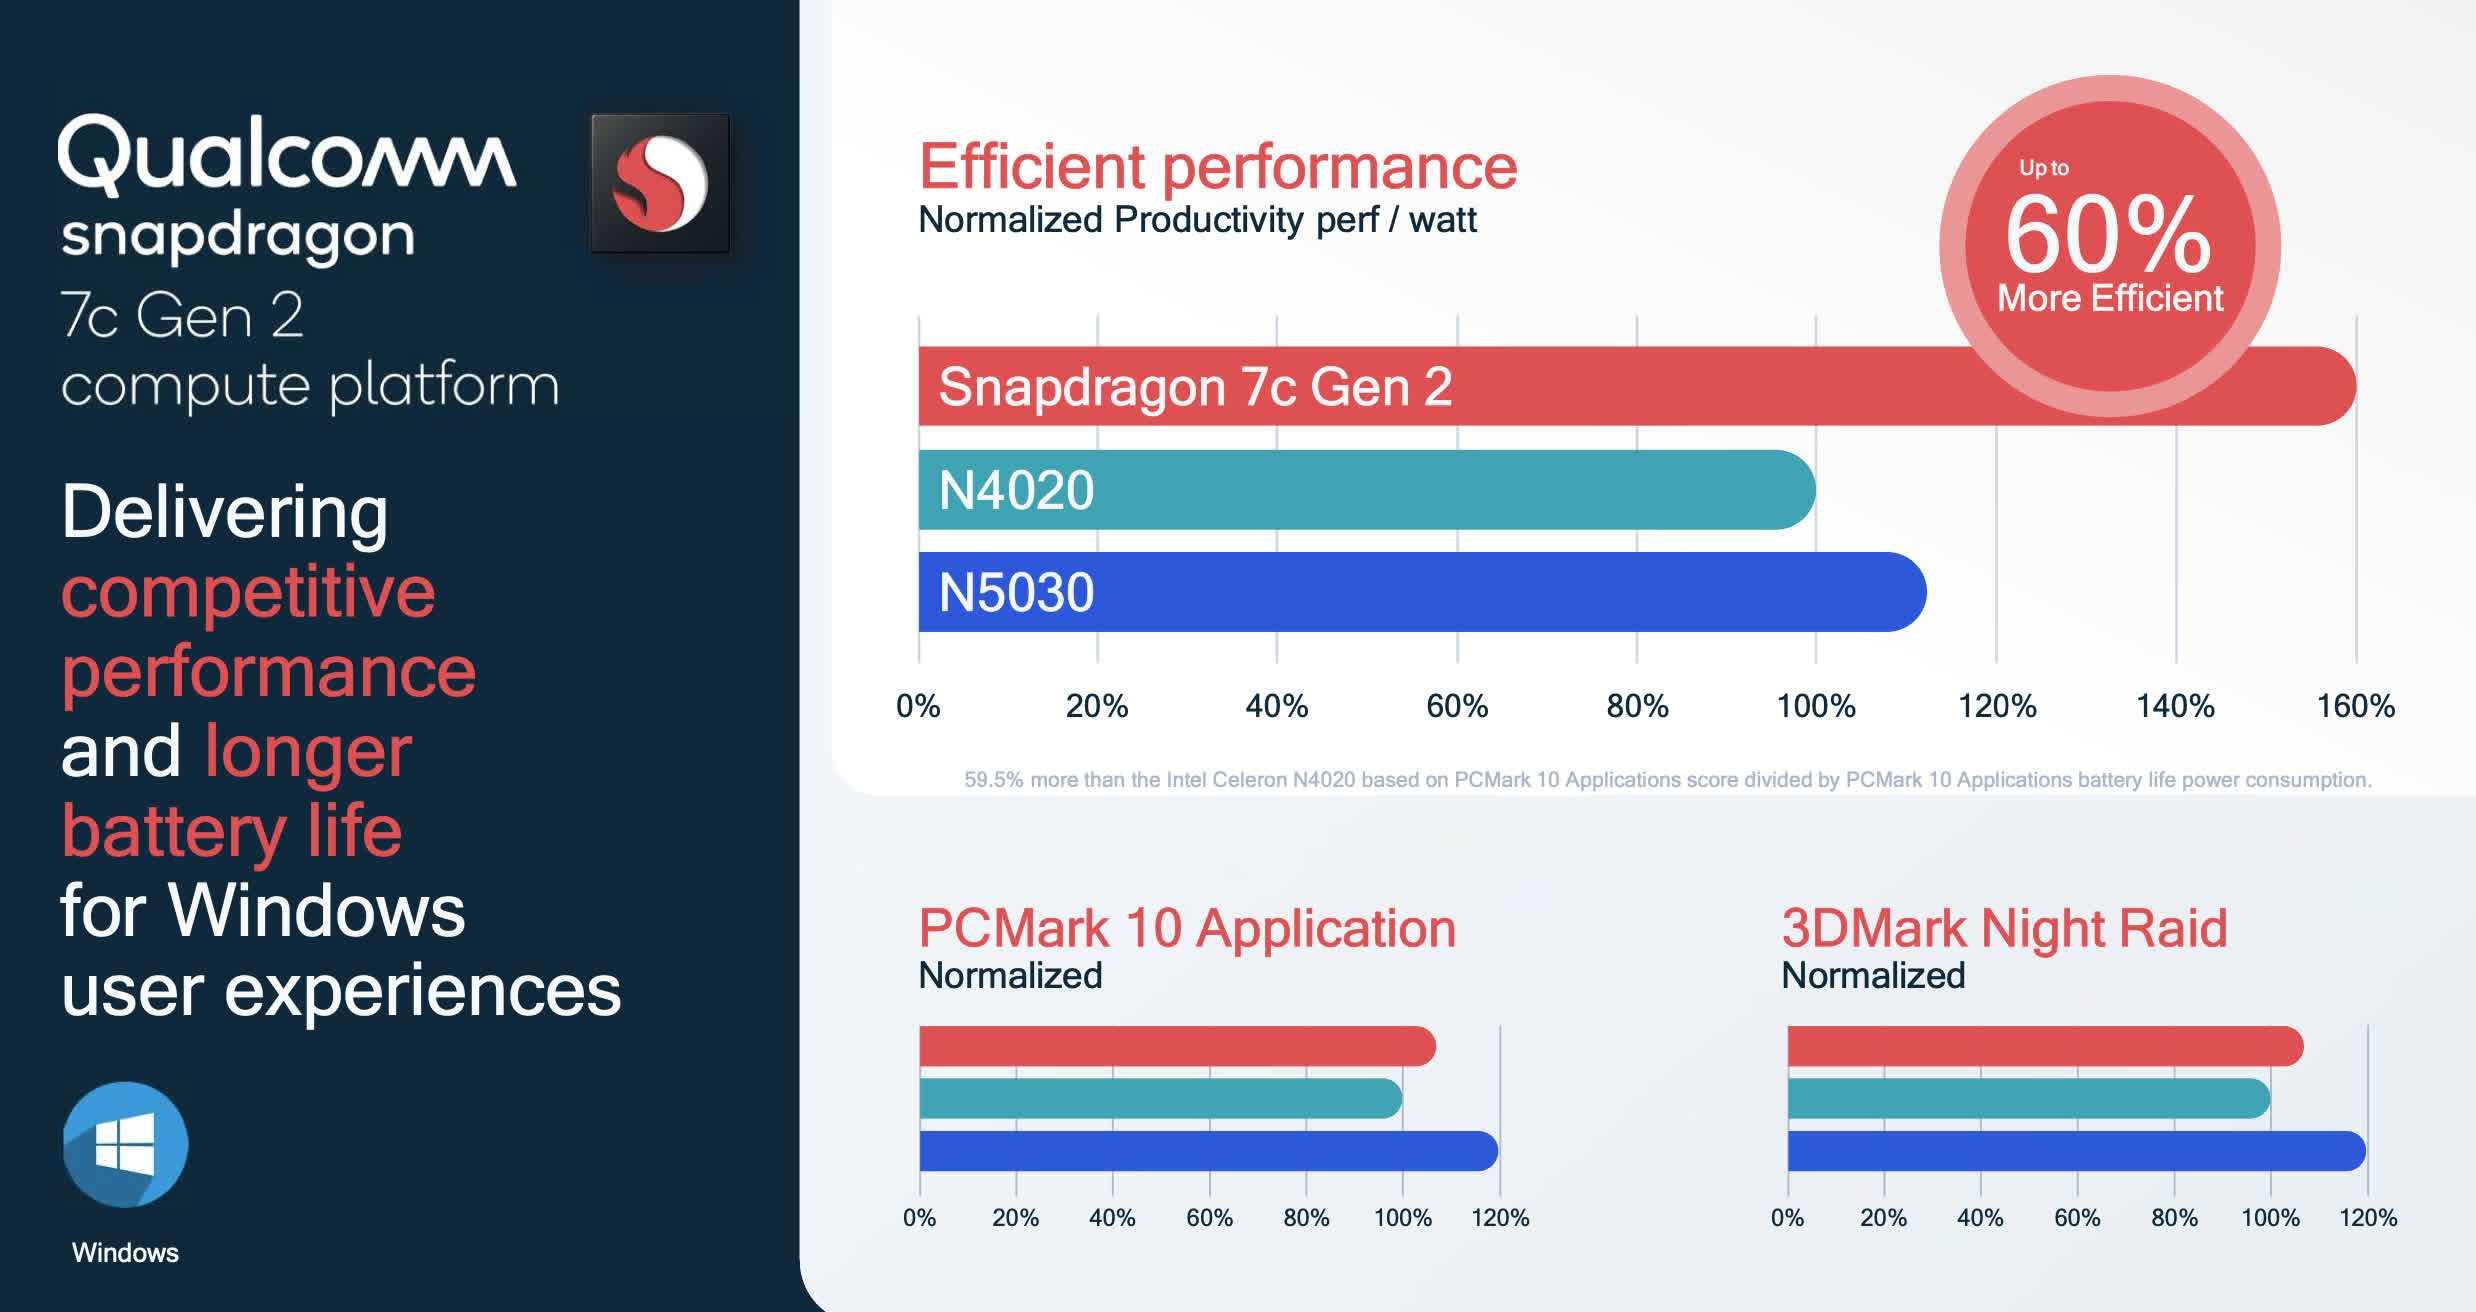 Le Snapdragon 7c Gen 2 de Qualcomm alimentera les ordinateurs